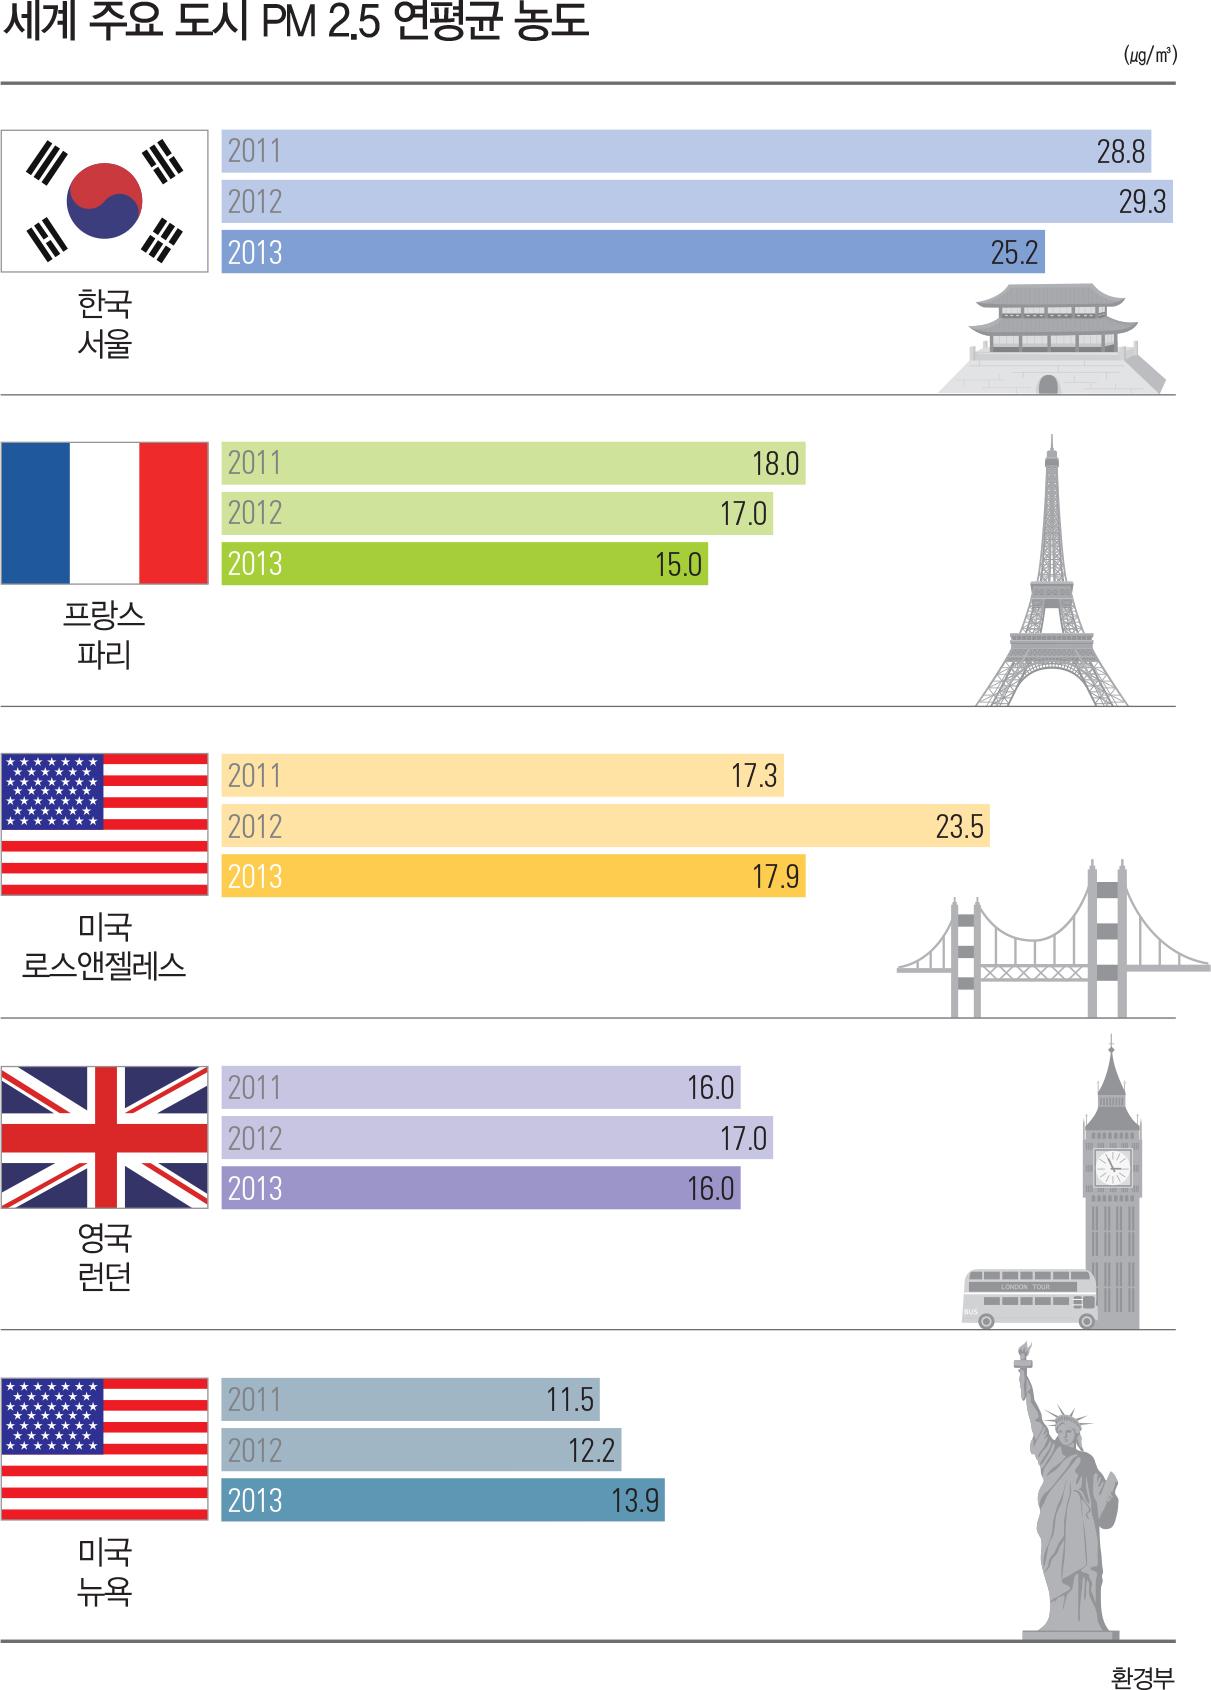 세계 주요 도시 PM 2.5 연평균 농도